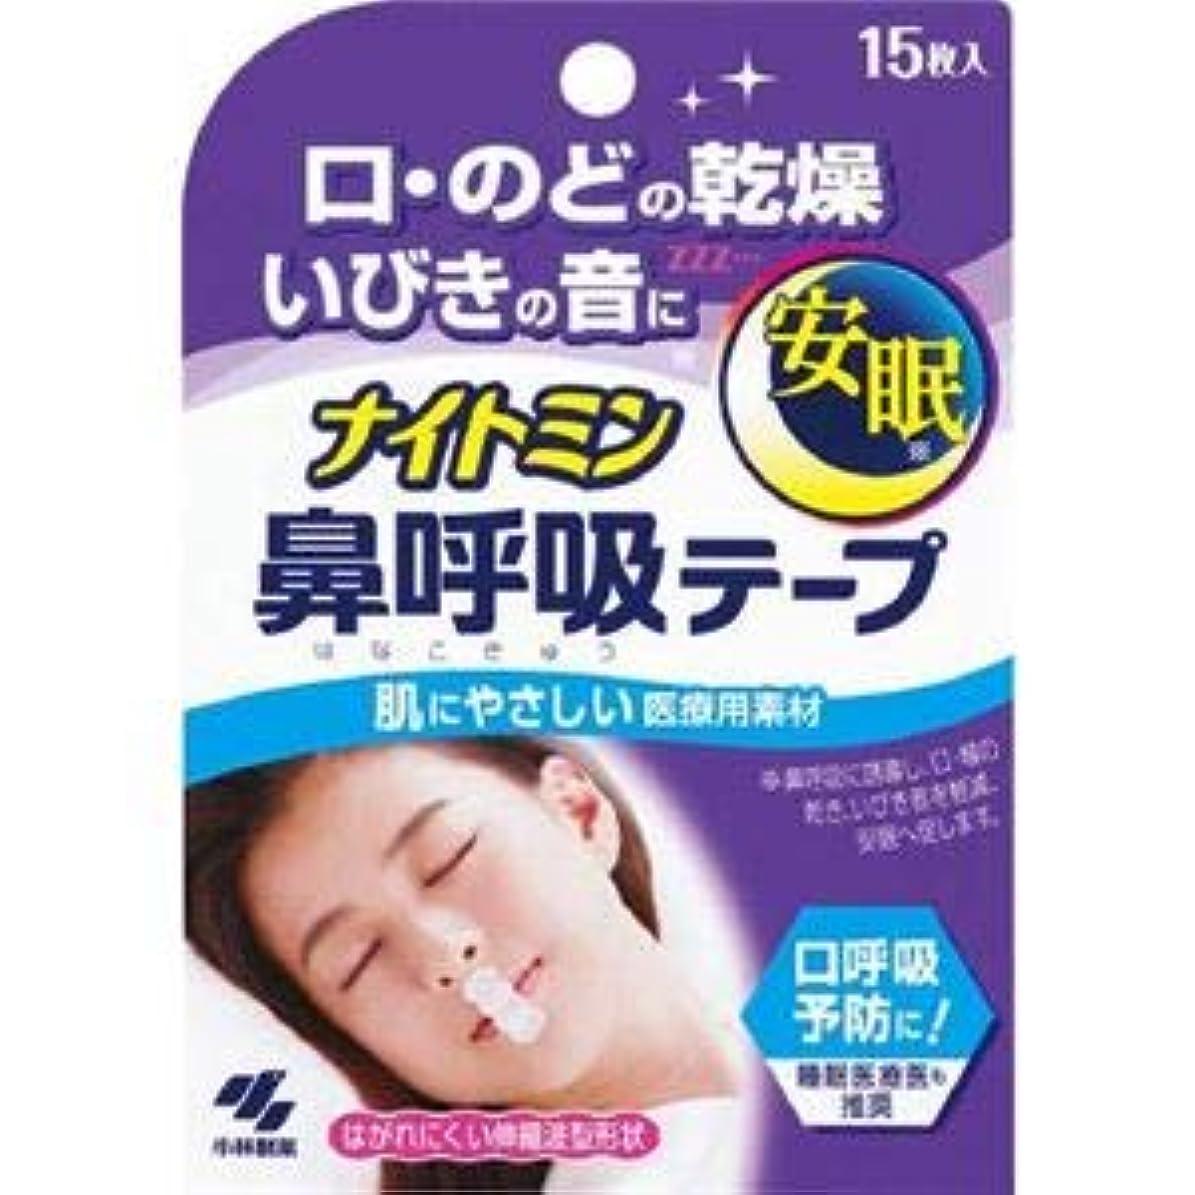 現象保守可能アドバンテージ(まとめ)小林製薬 ナイトミン 鼻呼吸テープ 【×3点セット】